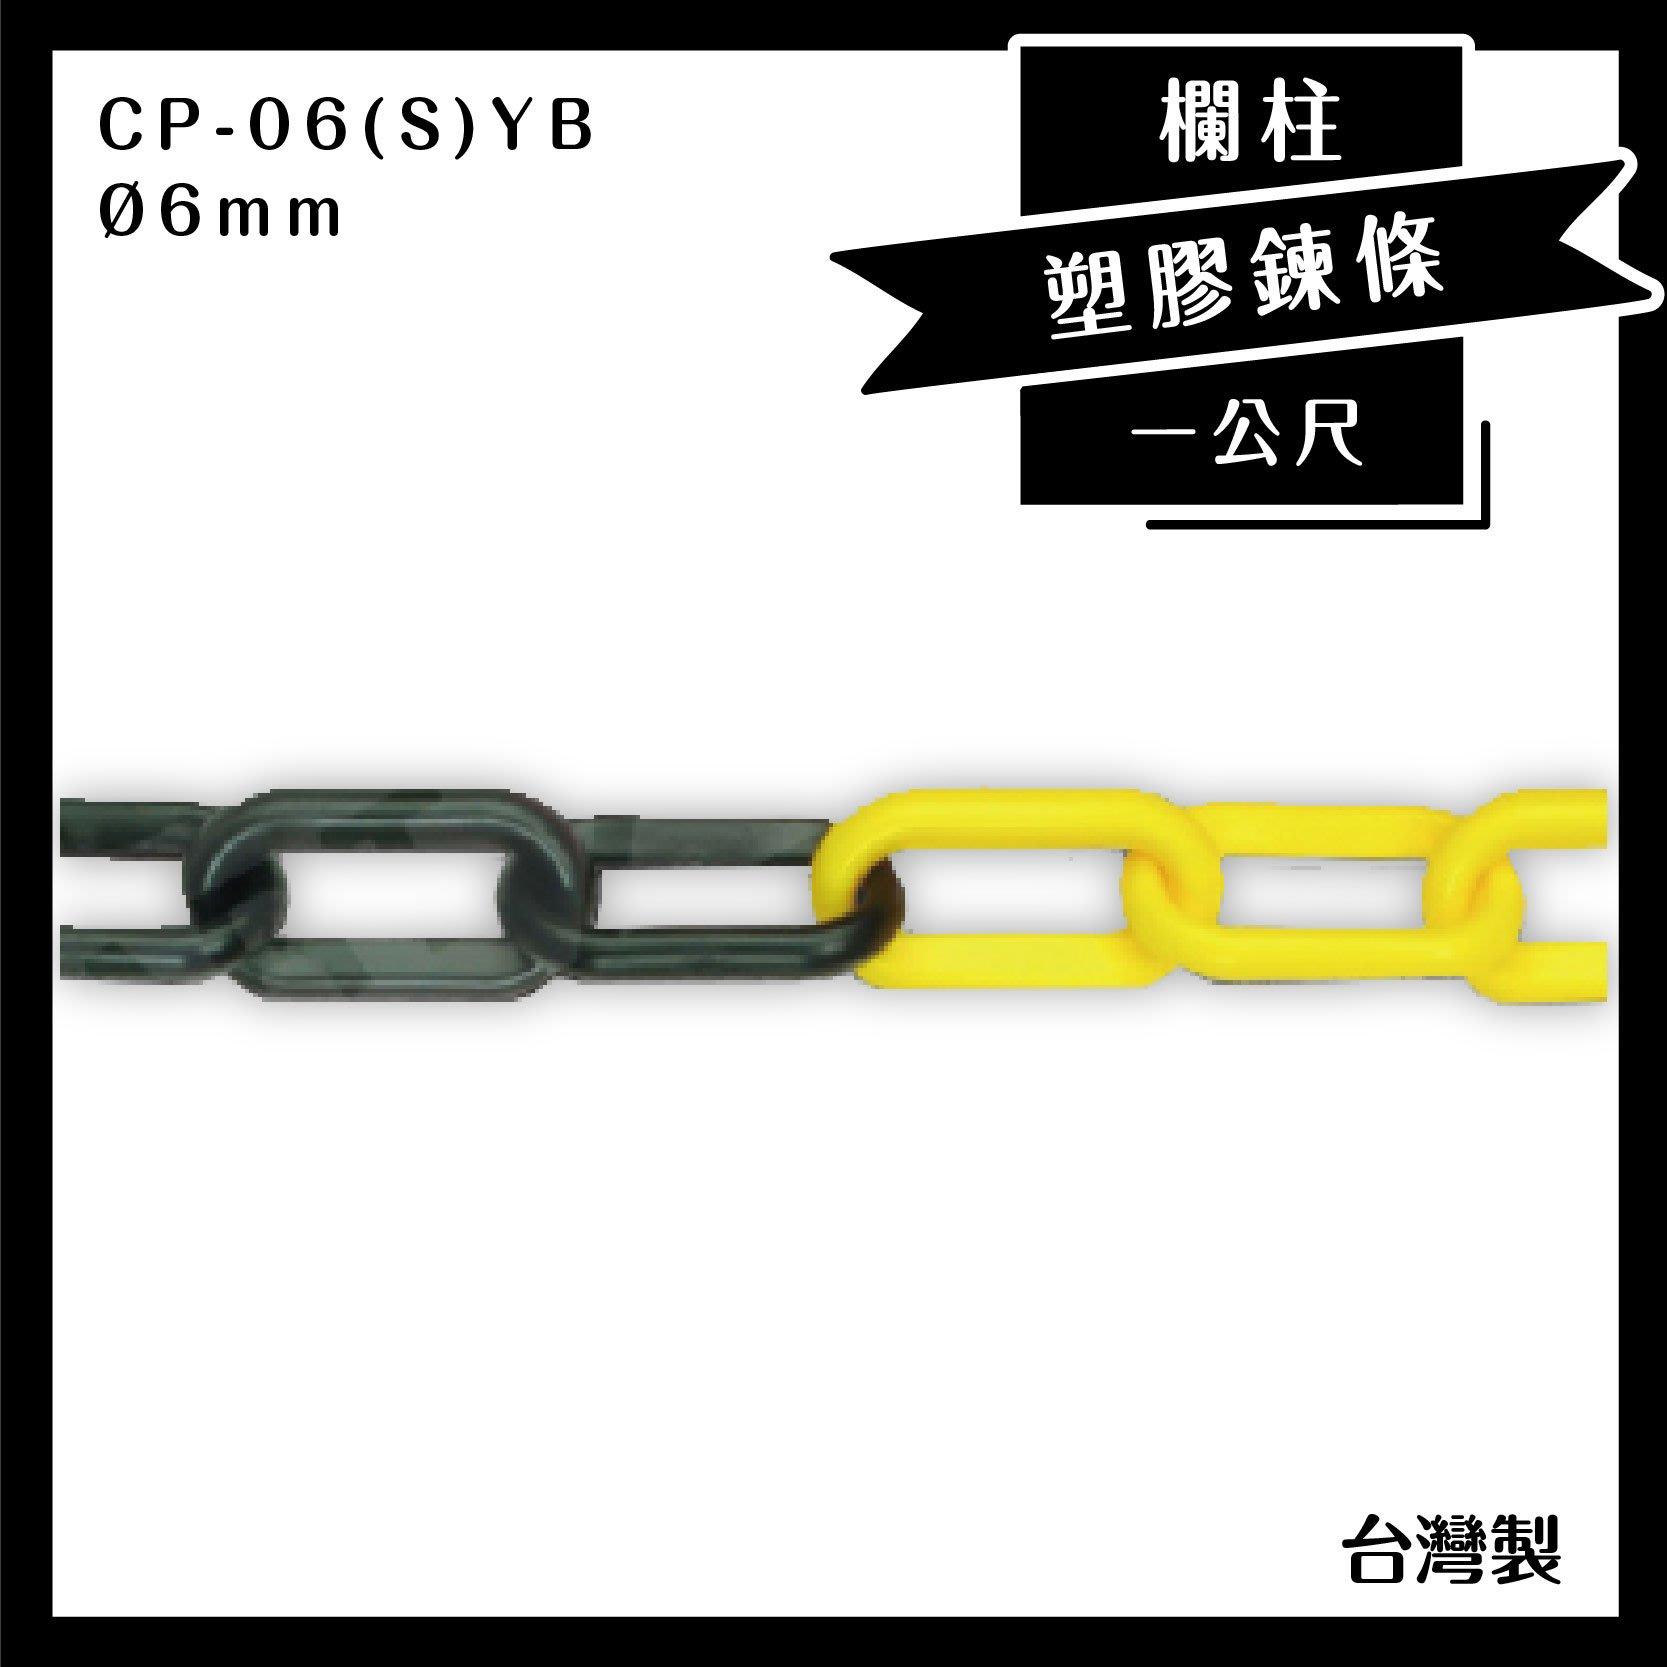 解決活動秩序問題 塑膠鍊條 CP-06(S)YB 黑黃 6mm 塑膠攔住系列適用 一公尺 停車場 圍欄 大樓 人行道